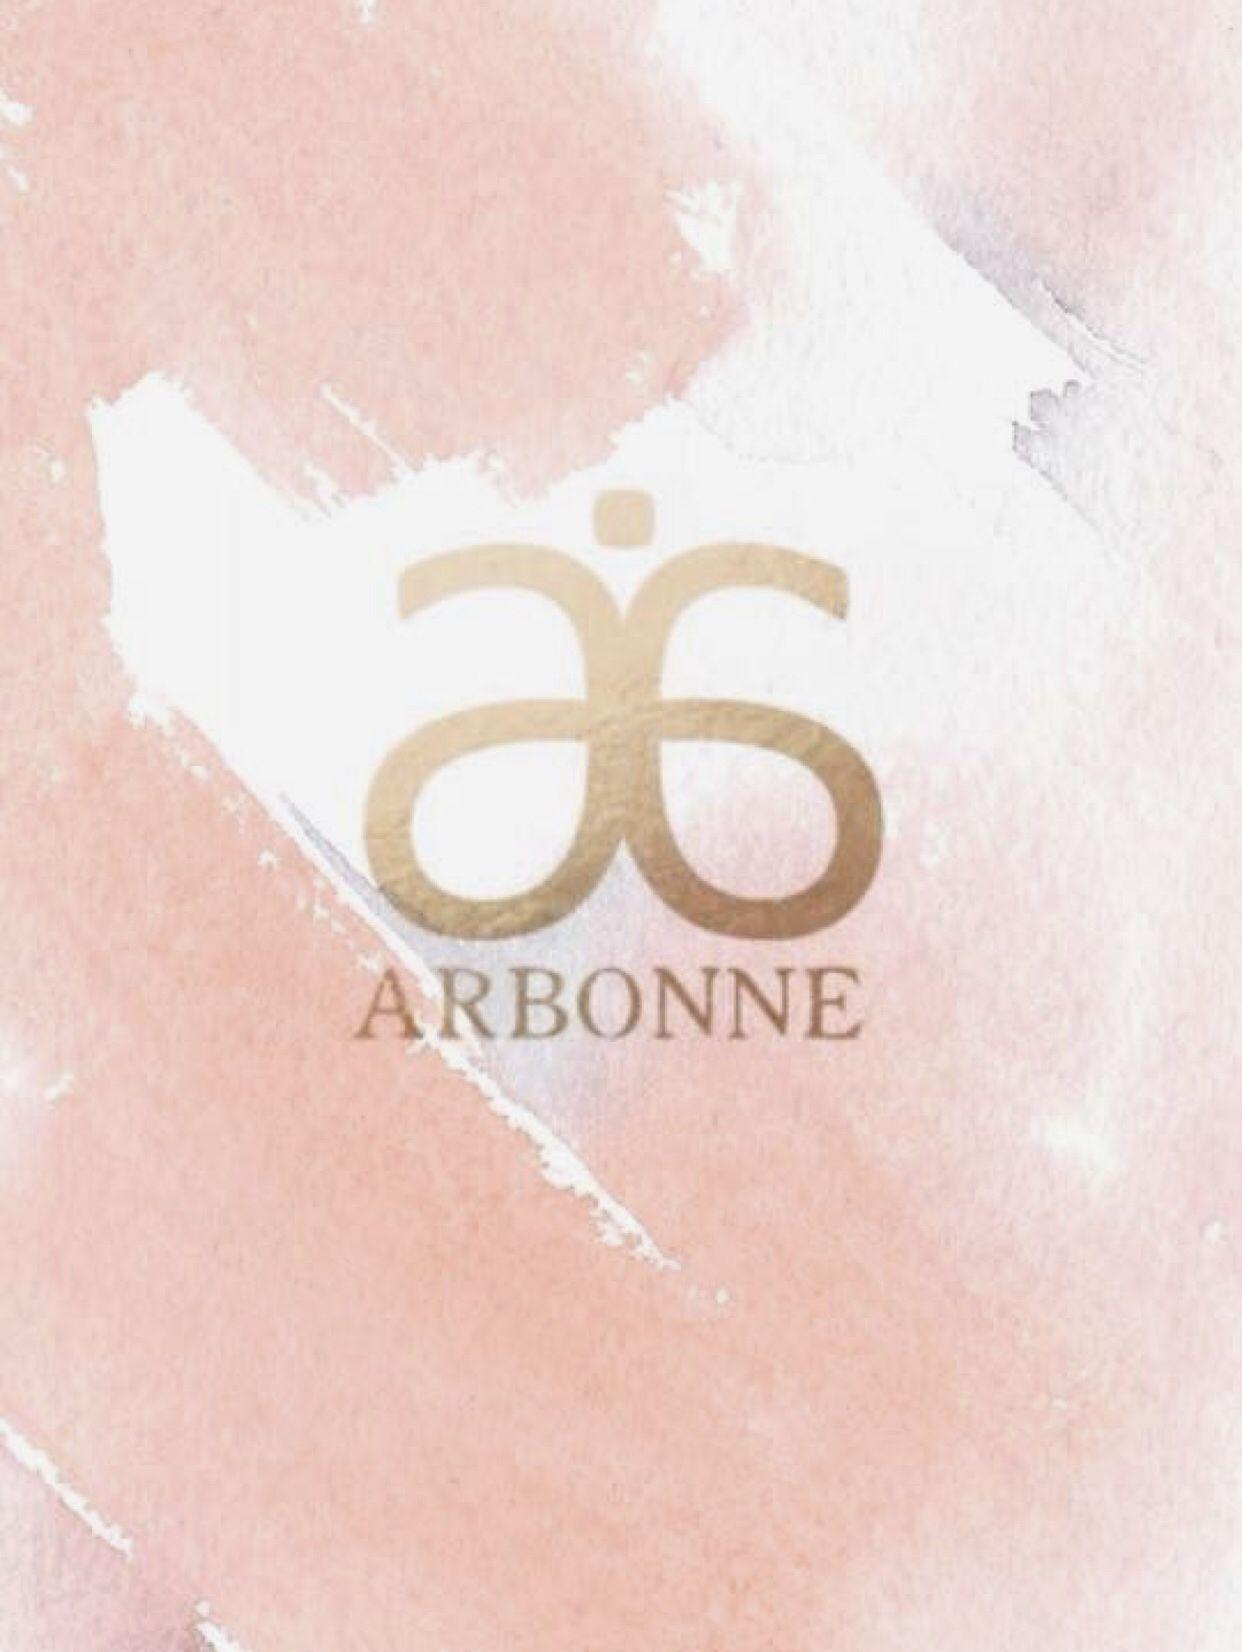 Pin By Stephanie Klein On Arbonne Business Arbonne Logo Arbonne Arbonne Motivation